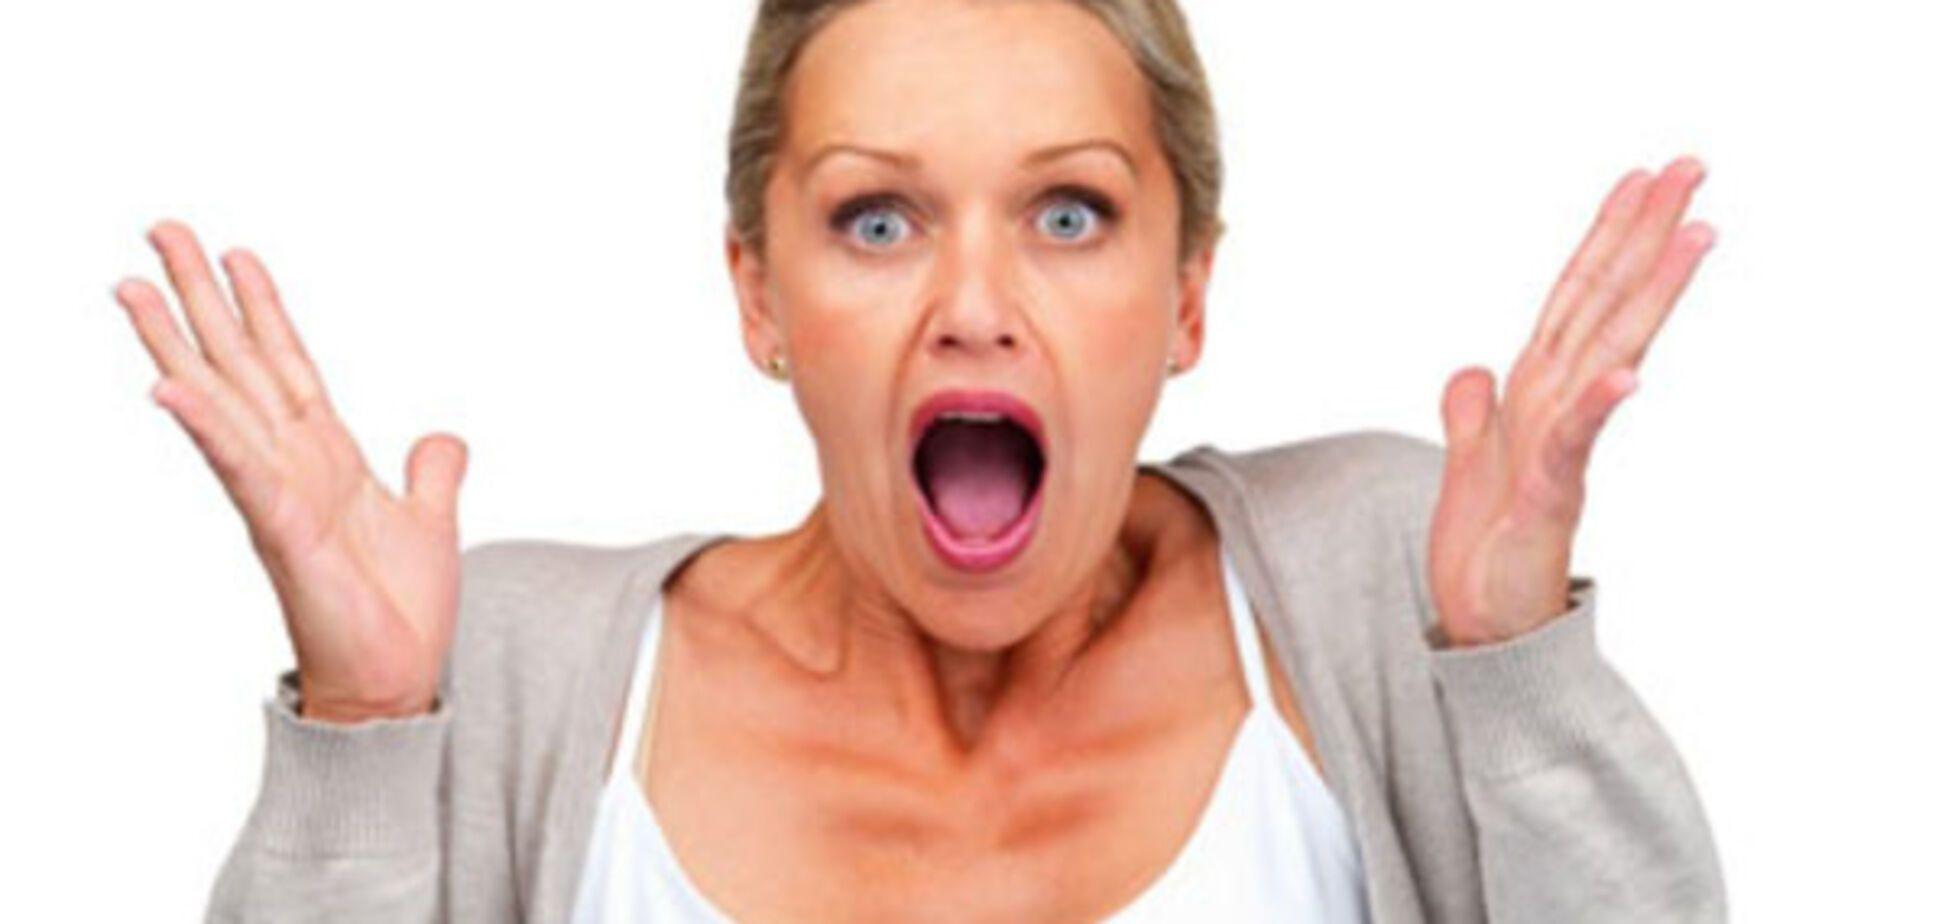 Вчені з'ясували, що рання менопауза викликає серйозне захворювання